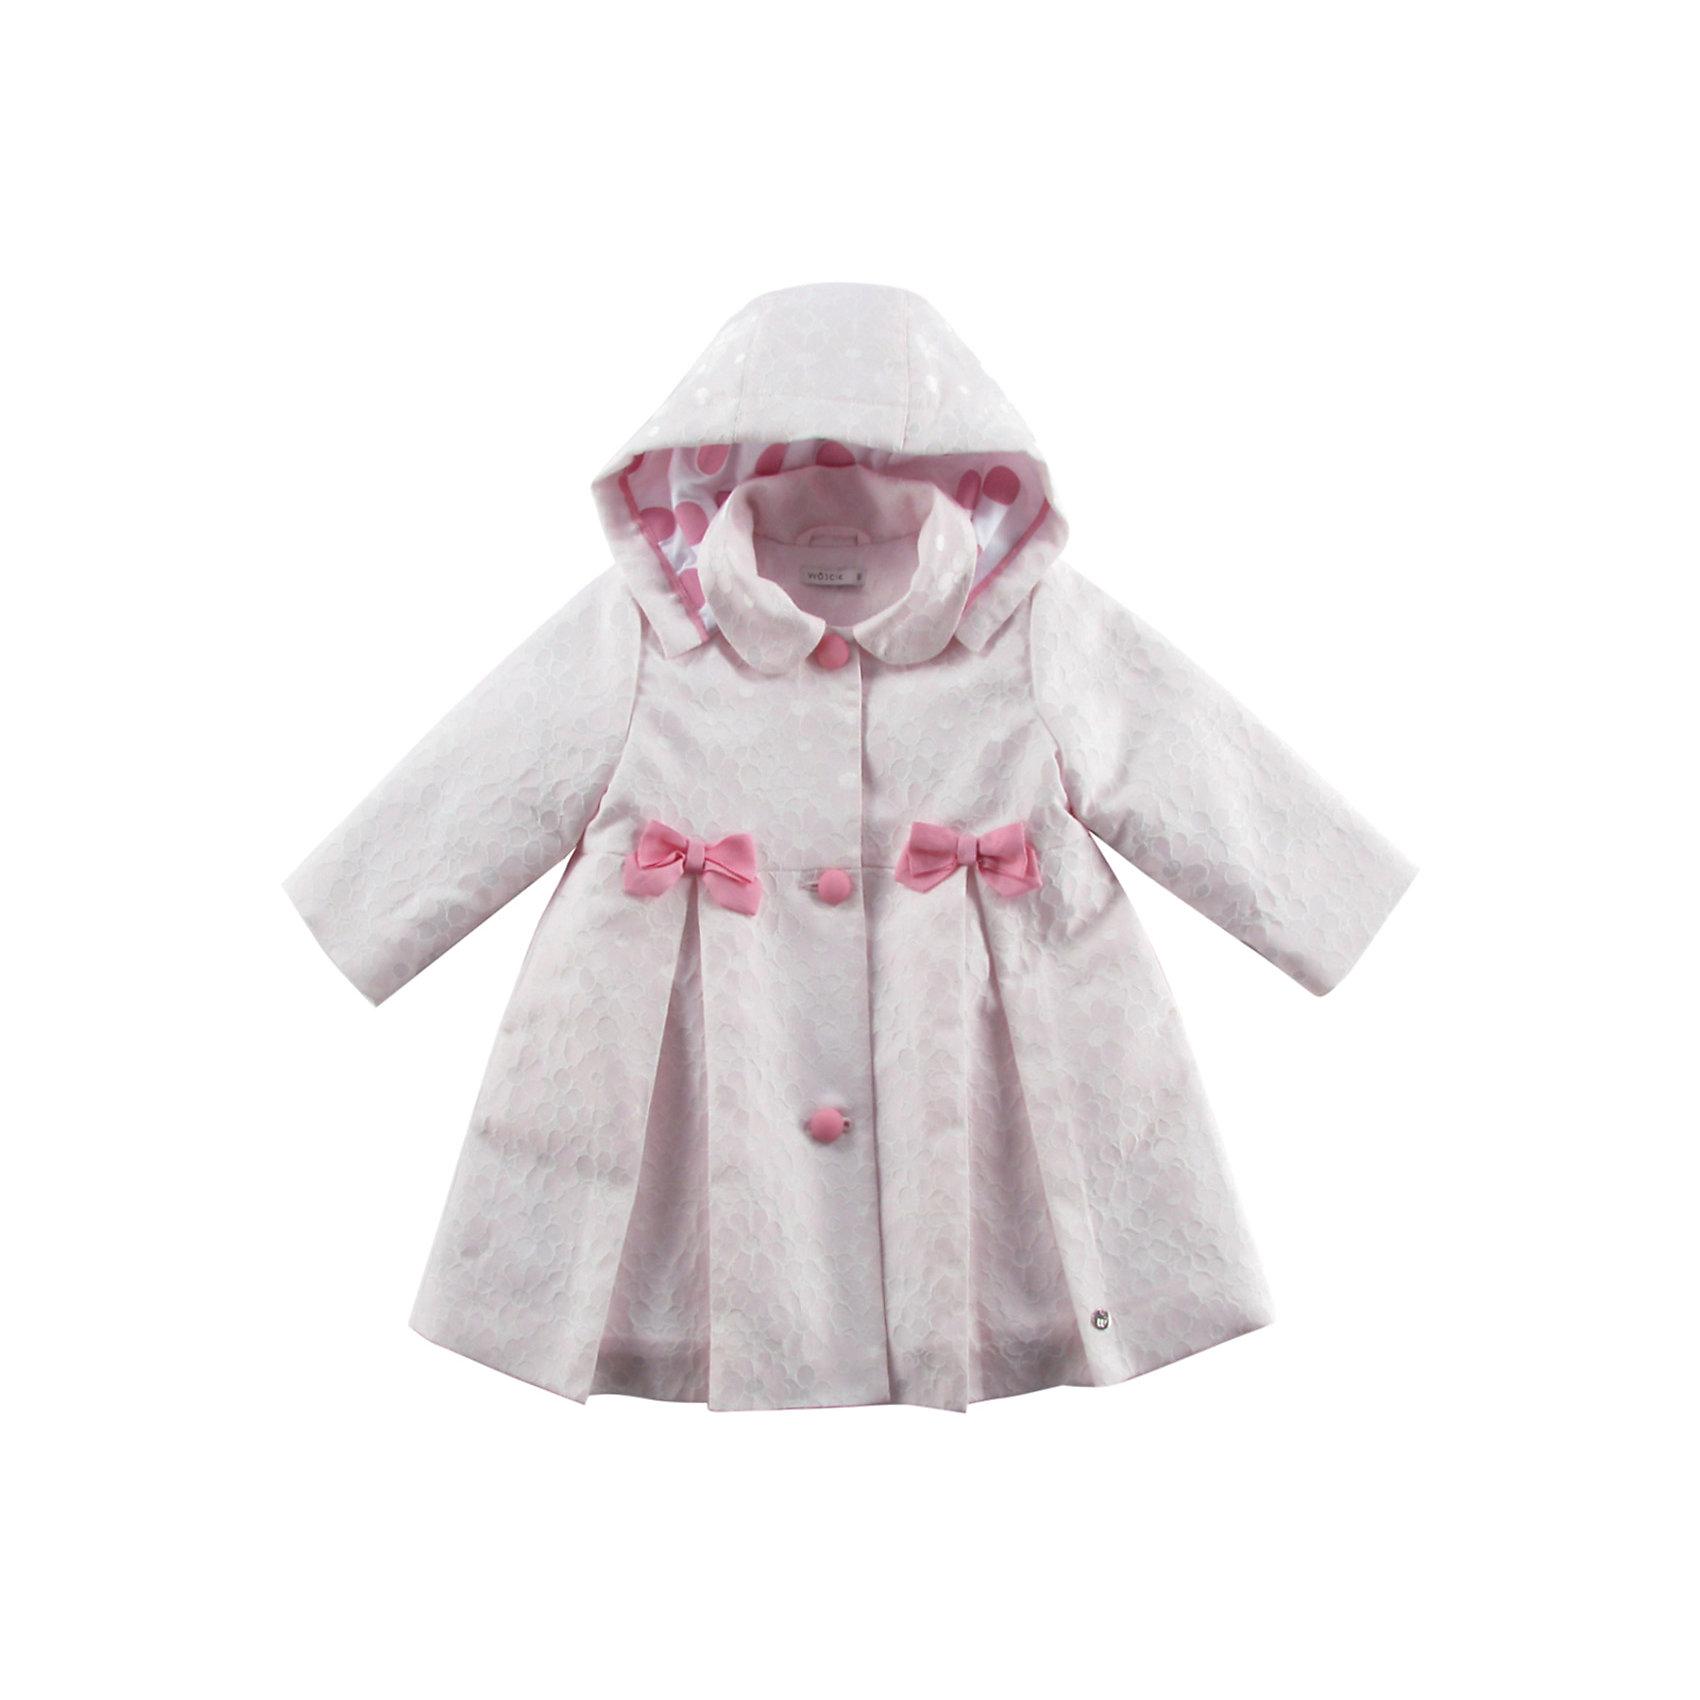 Пальто для девочки WojcikВерхняя одежда<br>Характеристики товара:<br><br>• цвет: розовый<br>• состав ткани: полиэстер 68%, вискоза 31%, эластан 1%<br>• длинные рукава<br>• капюшон<br>• температурный режим: от +5 до +20<br>• застежка: пуговицы<br>• сезон: демисезон<br>• страна бренда: Польша<br>• страна изготовитель: Польша<br><br>Польская одежда для детей от бренда Войчик - это качественные и стильные вещи. Розовое пальто для девочки Войчик отличается модным кроем и актуальным в этом сезоне цветом. <br><br>Эта модель одежды для детей сделана из качественного материала, подкладка - из дышащего натурального хлопка в составе. Пальто дополнено удобным капюшоном.<br><br>Пальто для девочки Wojcik (Войчик) можно купить в нашем интернет-магазине.<br><br>Ширина мм: 356<br>Глубина мм: 10<br>Высота мм: 245<br>Вес г: 519<br>Цвет: разноцветный<br>Возраст от месяцев: 24<br>Возраст до месяцев: 36<br>Пол: Женский<br>Возраст: Детский<br>Размер: 98,92<br>SKU: 5590522